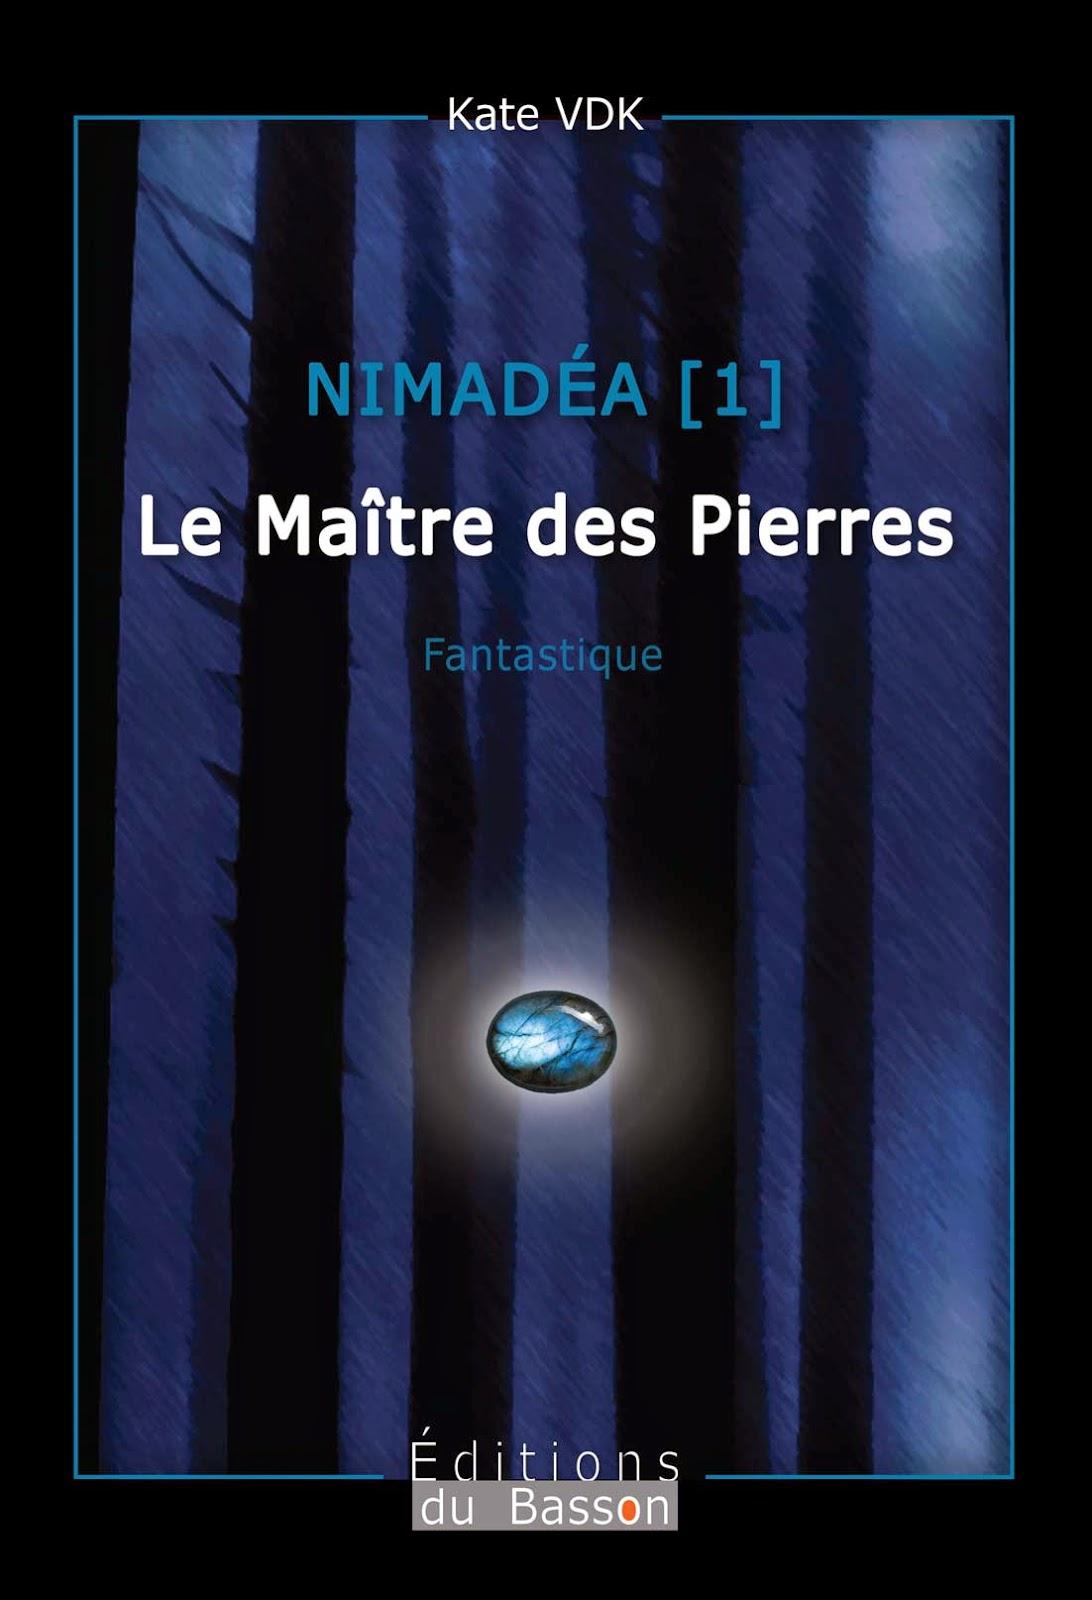 http://lesreinesdelanuit.blogspot.fr/2014/12/nimadea-t1-le-maitre-des-pierres-de.html